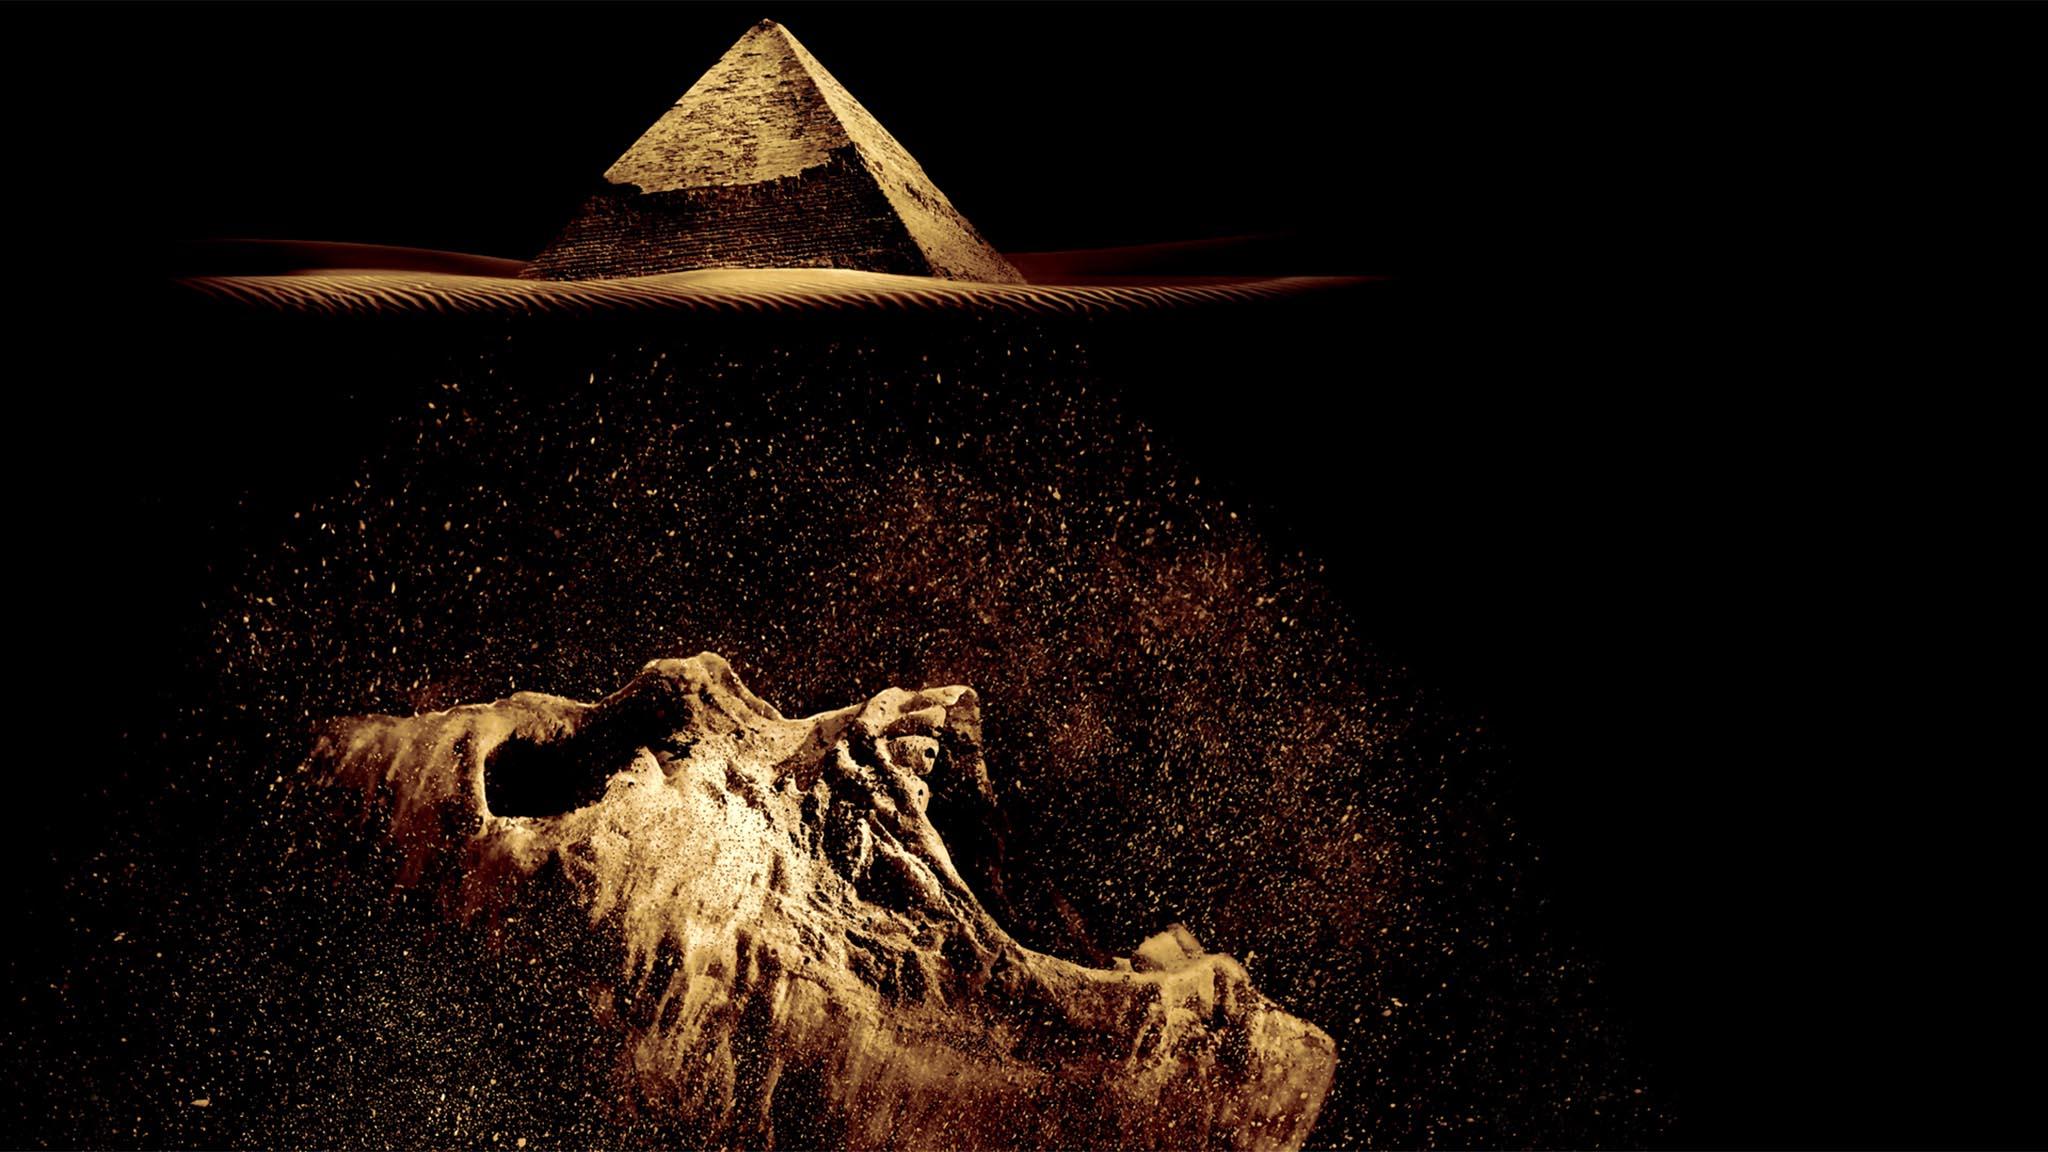 فيلم The Pyramid 2014 مترجم